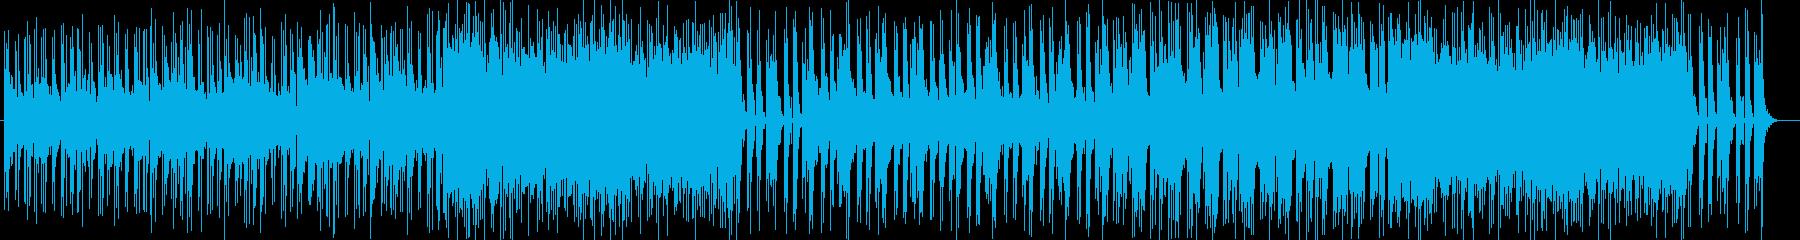 キラキラとして綺麗な楽曲の再生済みの波形